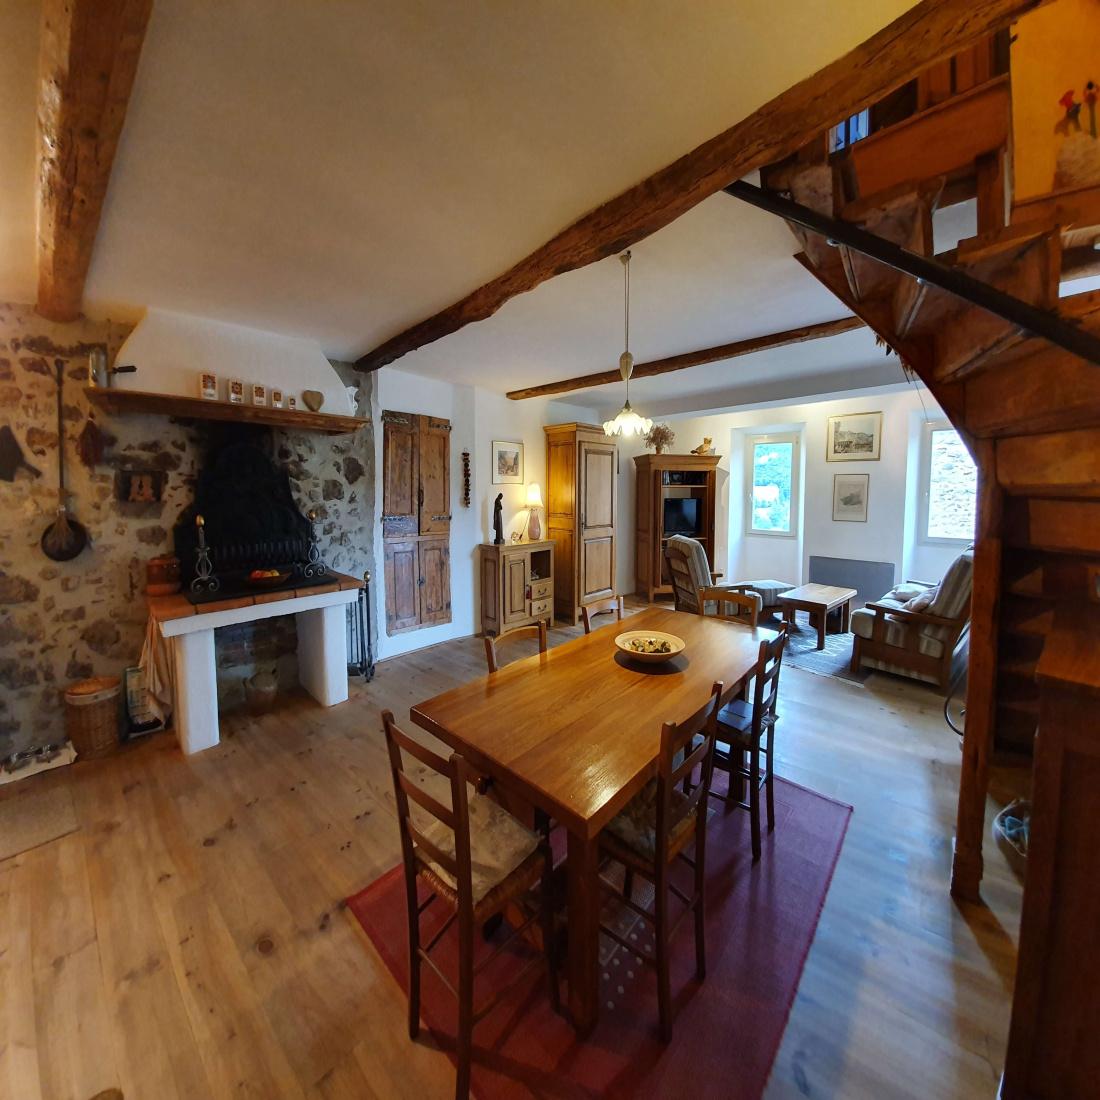 La Maison Du Parquet vente maison du 16eme siecle avec cachet (mur en pierre